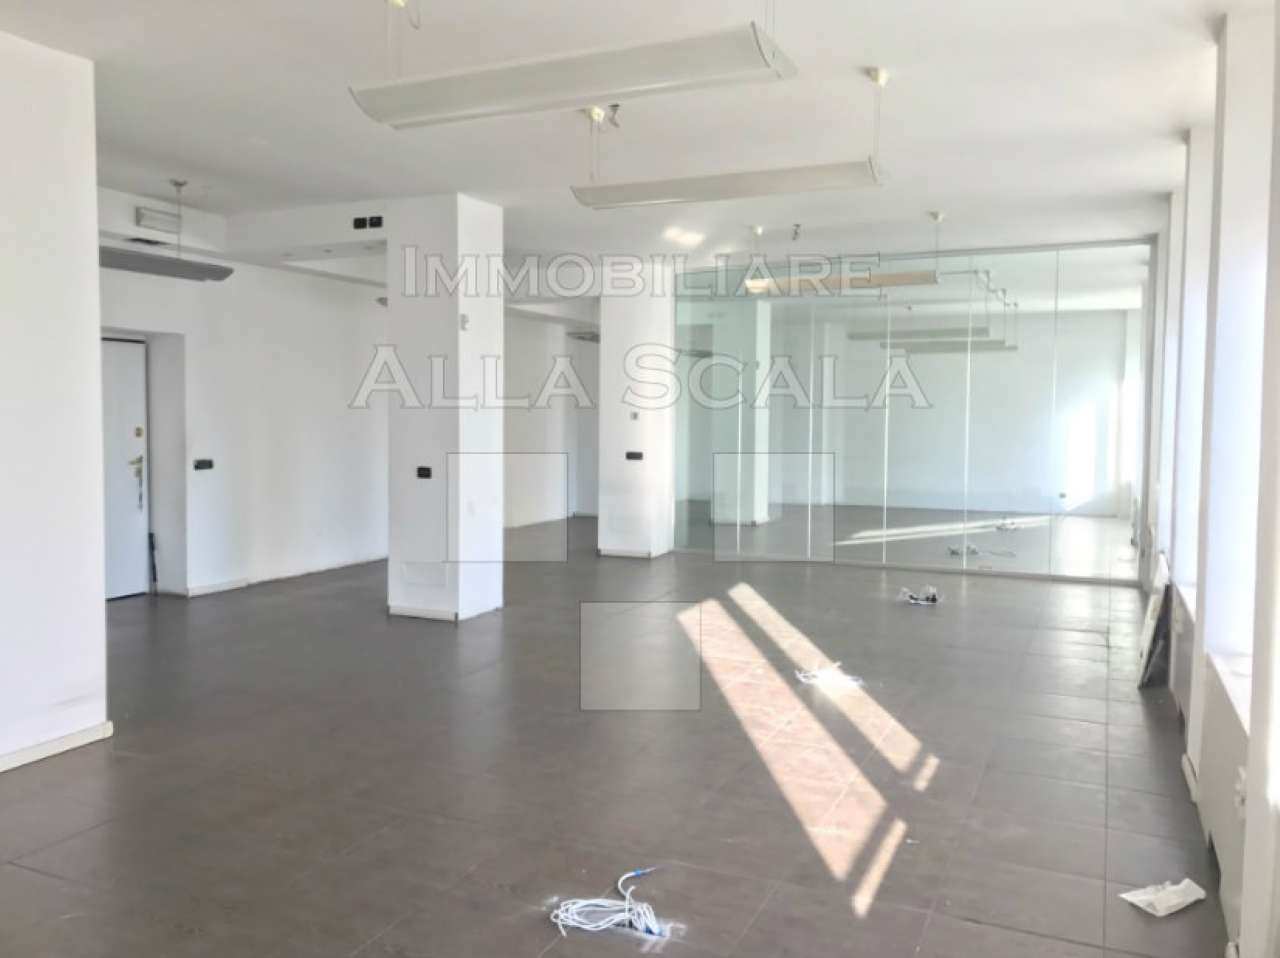 Ufficio-studio in Affitto a Milano 01 Centro storico (Cerchia dei Navigli):  5 locali, 170 mq  - Foto 1